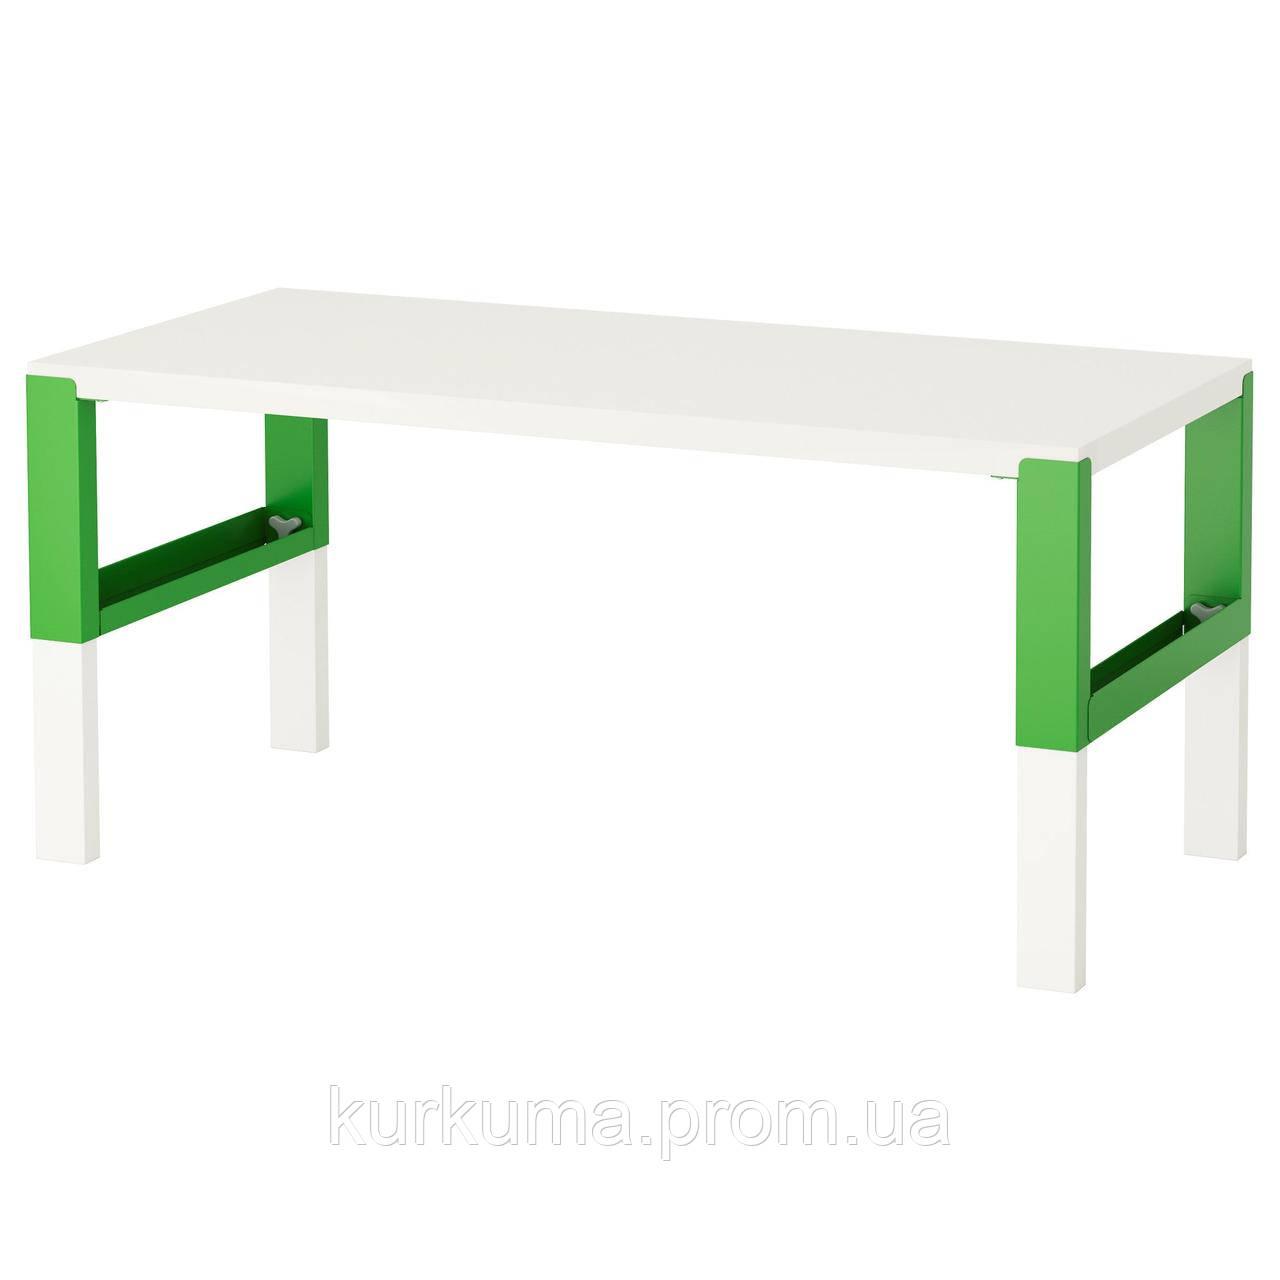 IKEA PAHL Стол, белый, зеленый  (691.289.49)